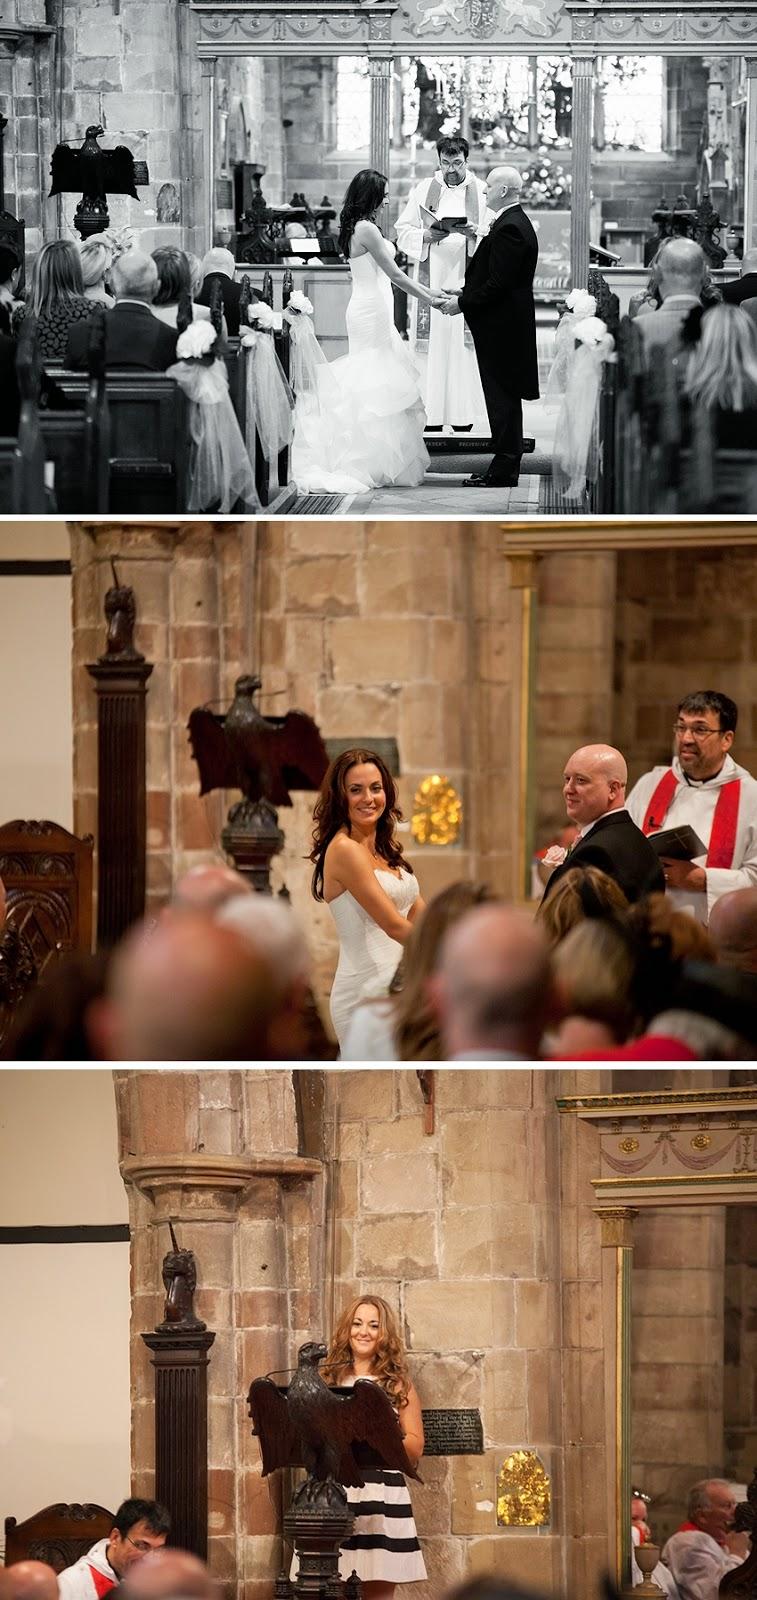 Wedding in Prestbury Helen Howard Photography 026 (Sheet 26)